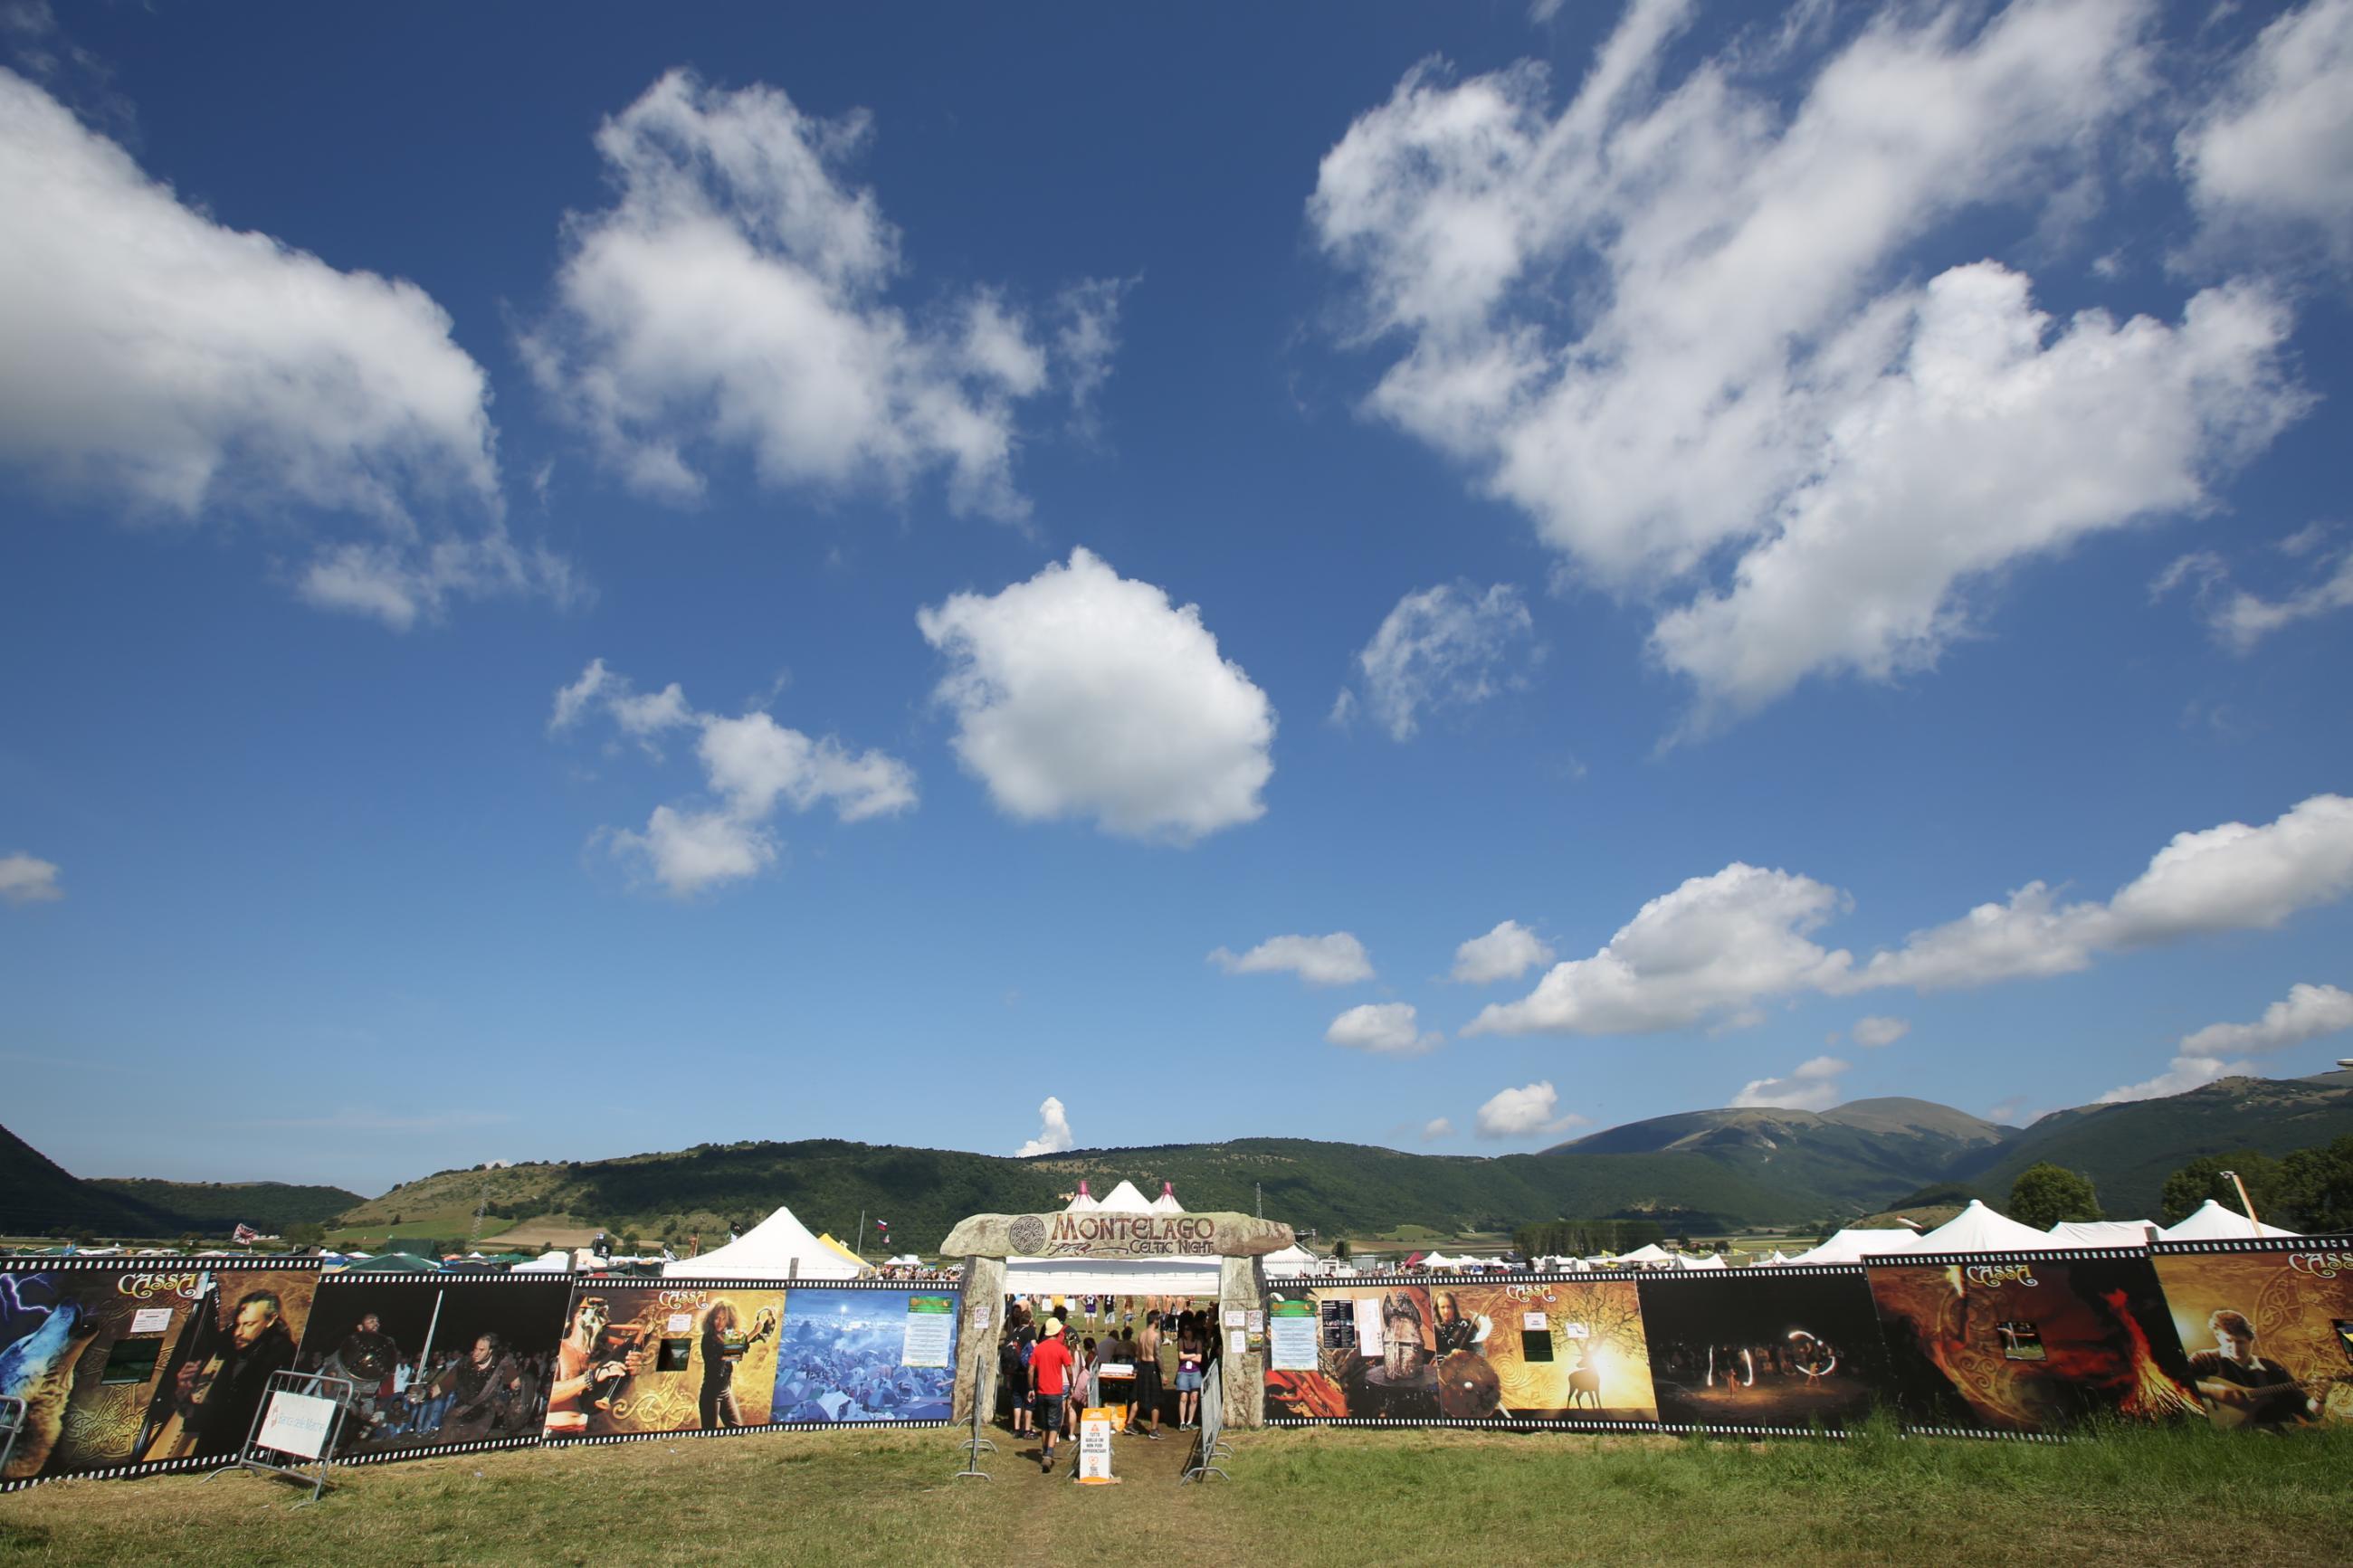 Montelago Celtic Festival, festa fantastica sull'Appennino